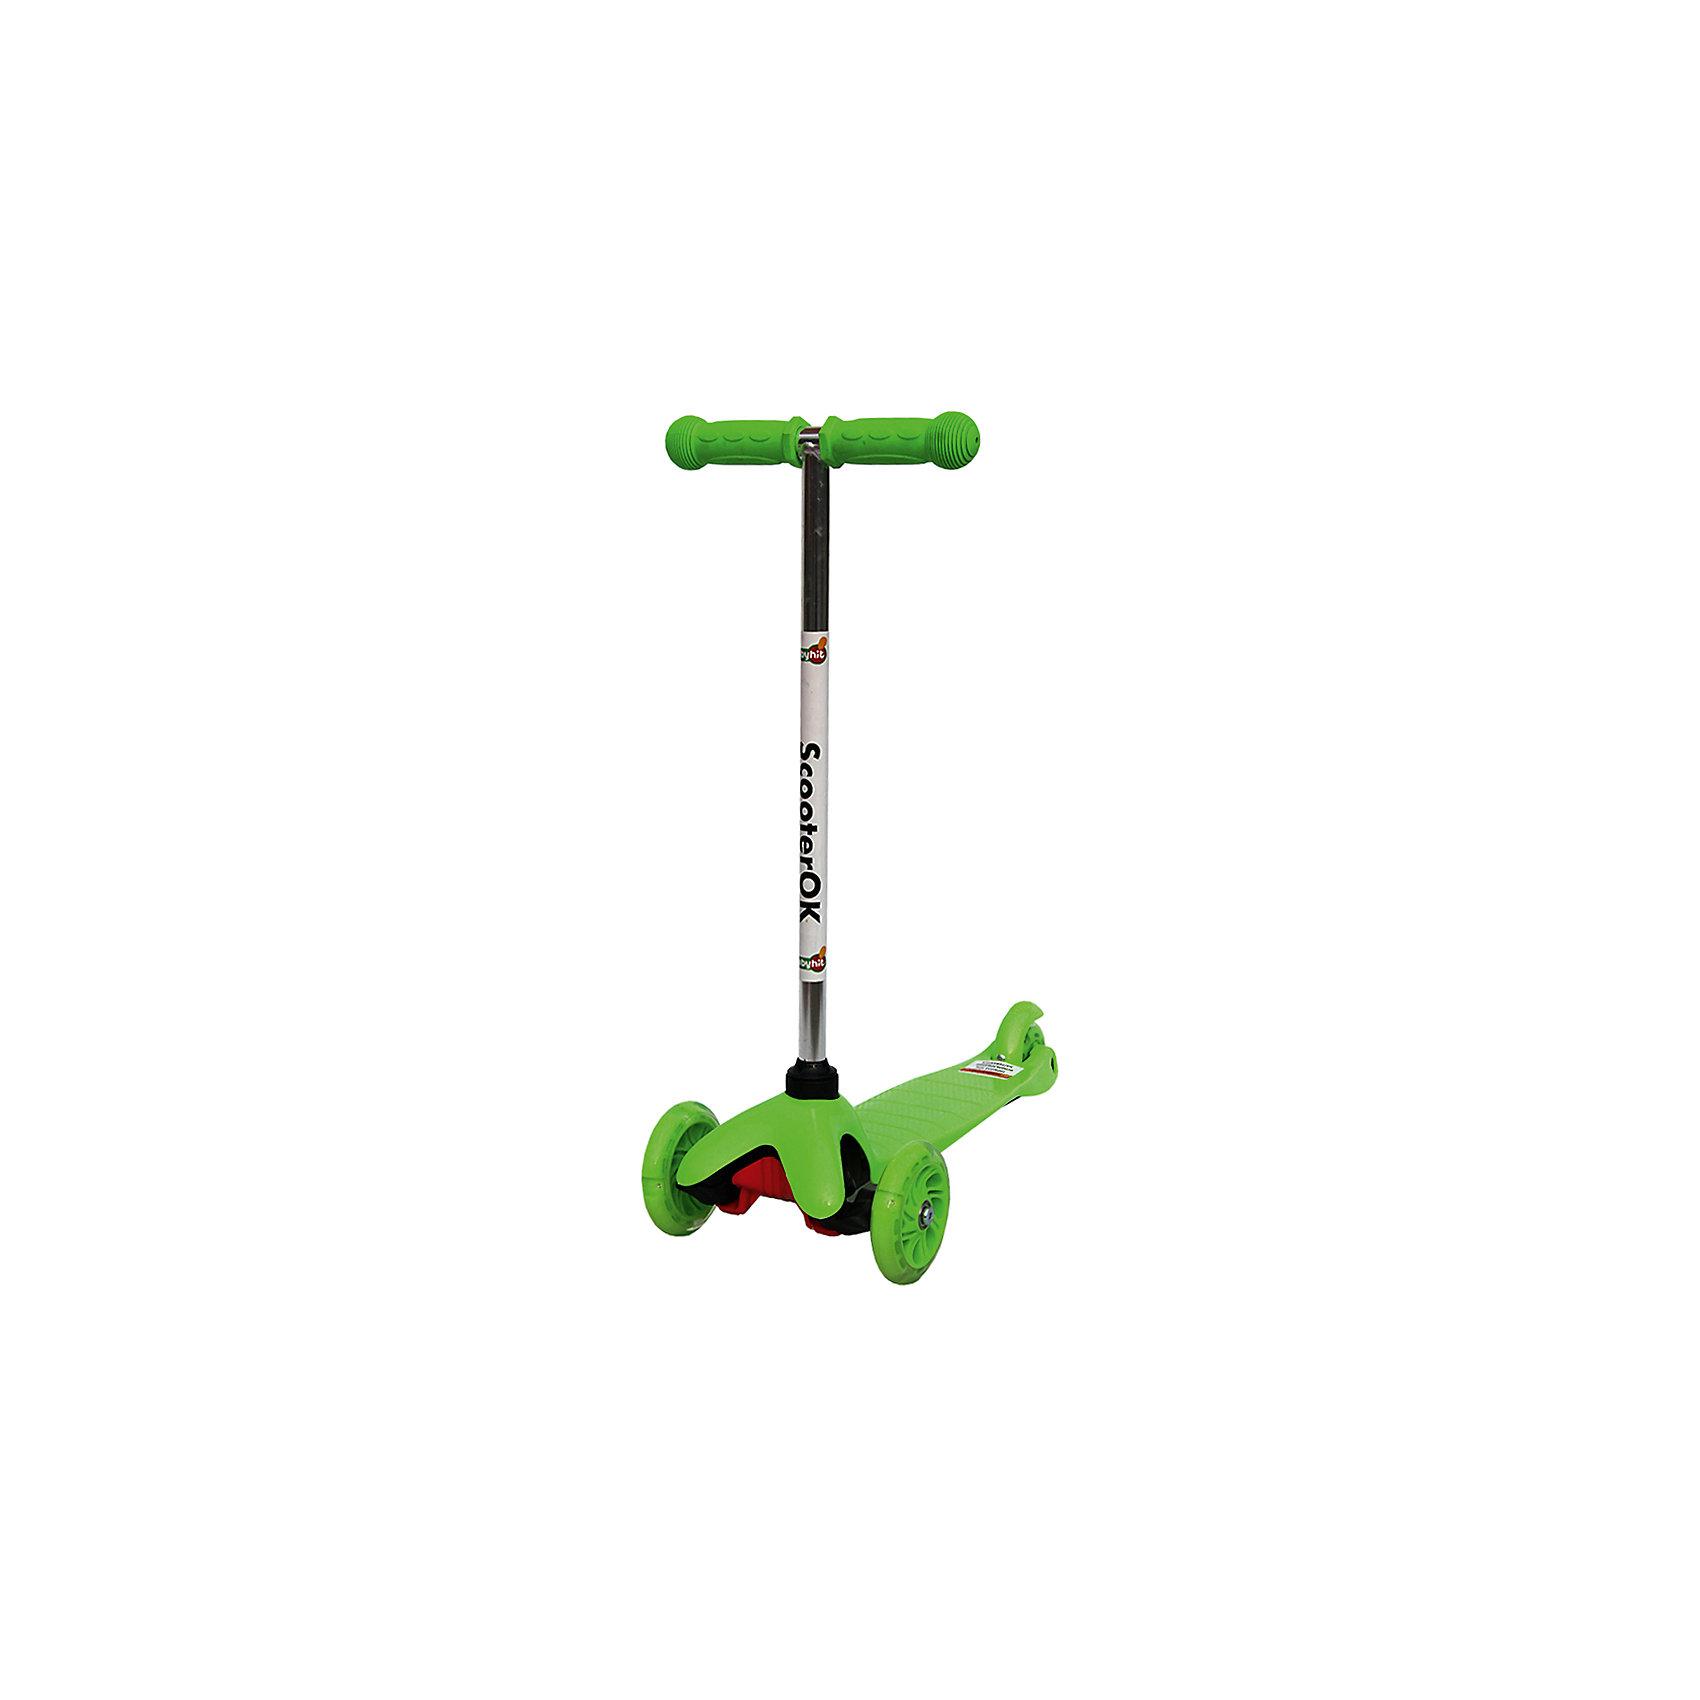 Самокат, зеленый, ScooterOKСамокаты<br>Особенности самоката Babyhit ScooterOk:<br>• Для детей от 3-х лет<br>• Силиконовые колеса со светодиодной подсветкой <br>• Фиксированная высота ручки (67 см)<br>• Диаметр колес: переднее - 110 мм, заднего – 80 мм<br>• Высокое качество применяемых материалов<br>• Максимальная нагрузка - до 40 кг<br><br>Ширина мм: 550<br>Глубина мм: 140<br>Высота мм: 275<br>Вес г: 2317<br>Цвет: зеленый<br>Возраст от месяцев: 36<br>Возраст до месяцев: 2147483647<br>Пол: Унисекс<br>Возраст: Детский<br>SKU: 5614420